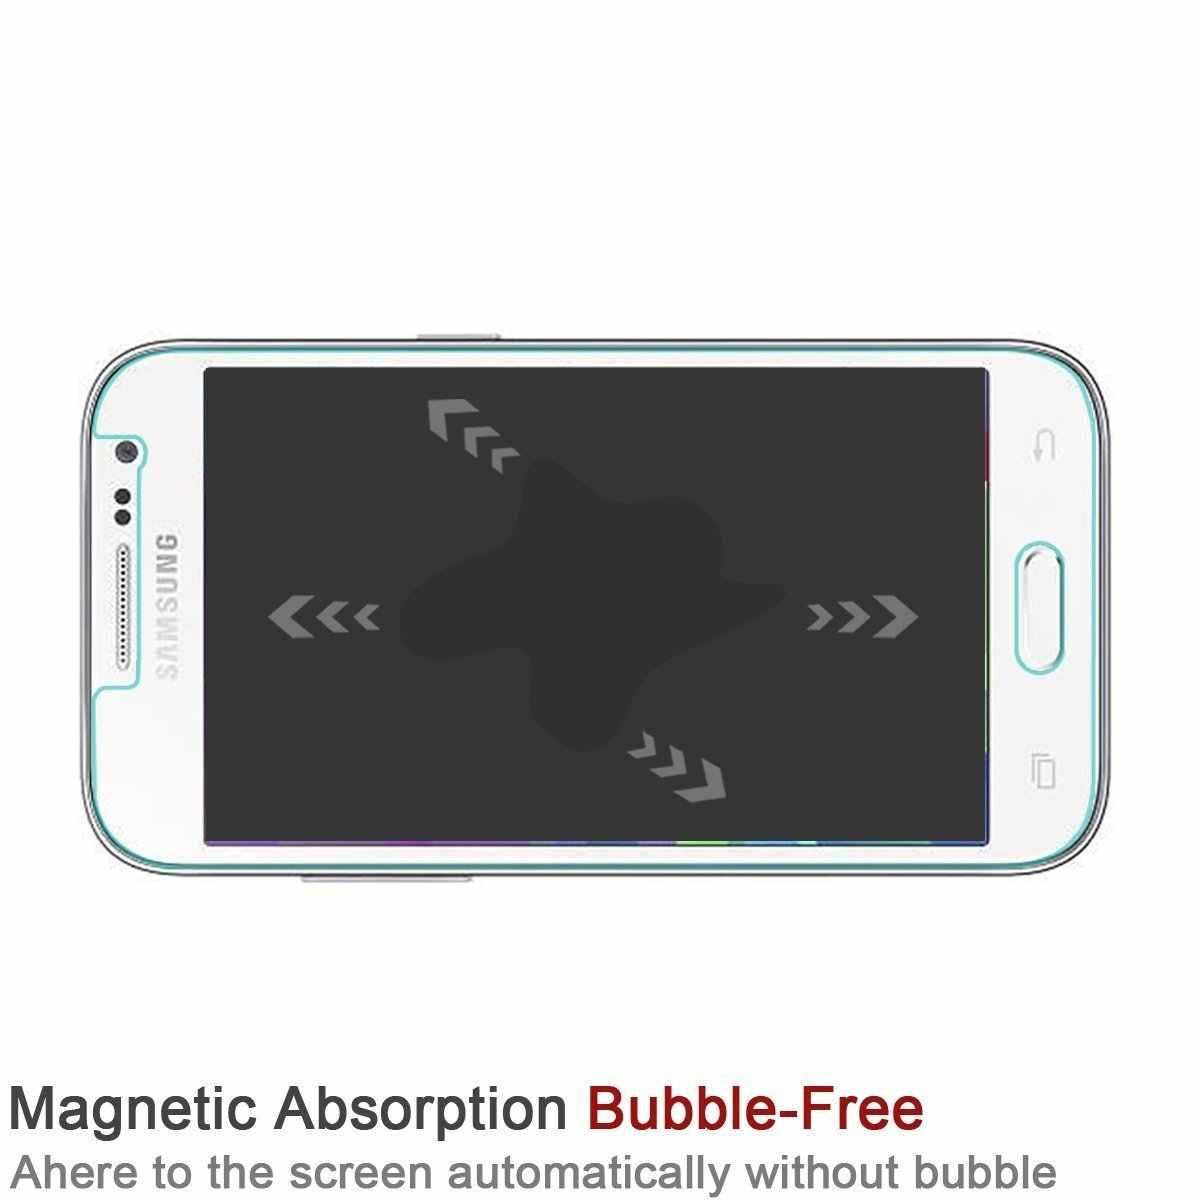 Kính Cường Lực Dành Cho Samsung Galaxy Samsung Galaxy S3 S4 S5 Neo S6 J7 J5 J3 J1 2016 Core J2 Thủ G360 G361F grand Prime VE G530 G531F G531H